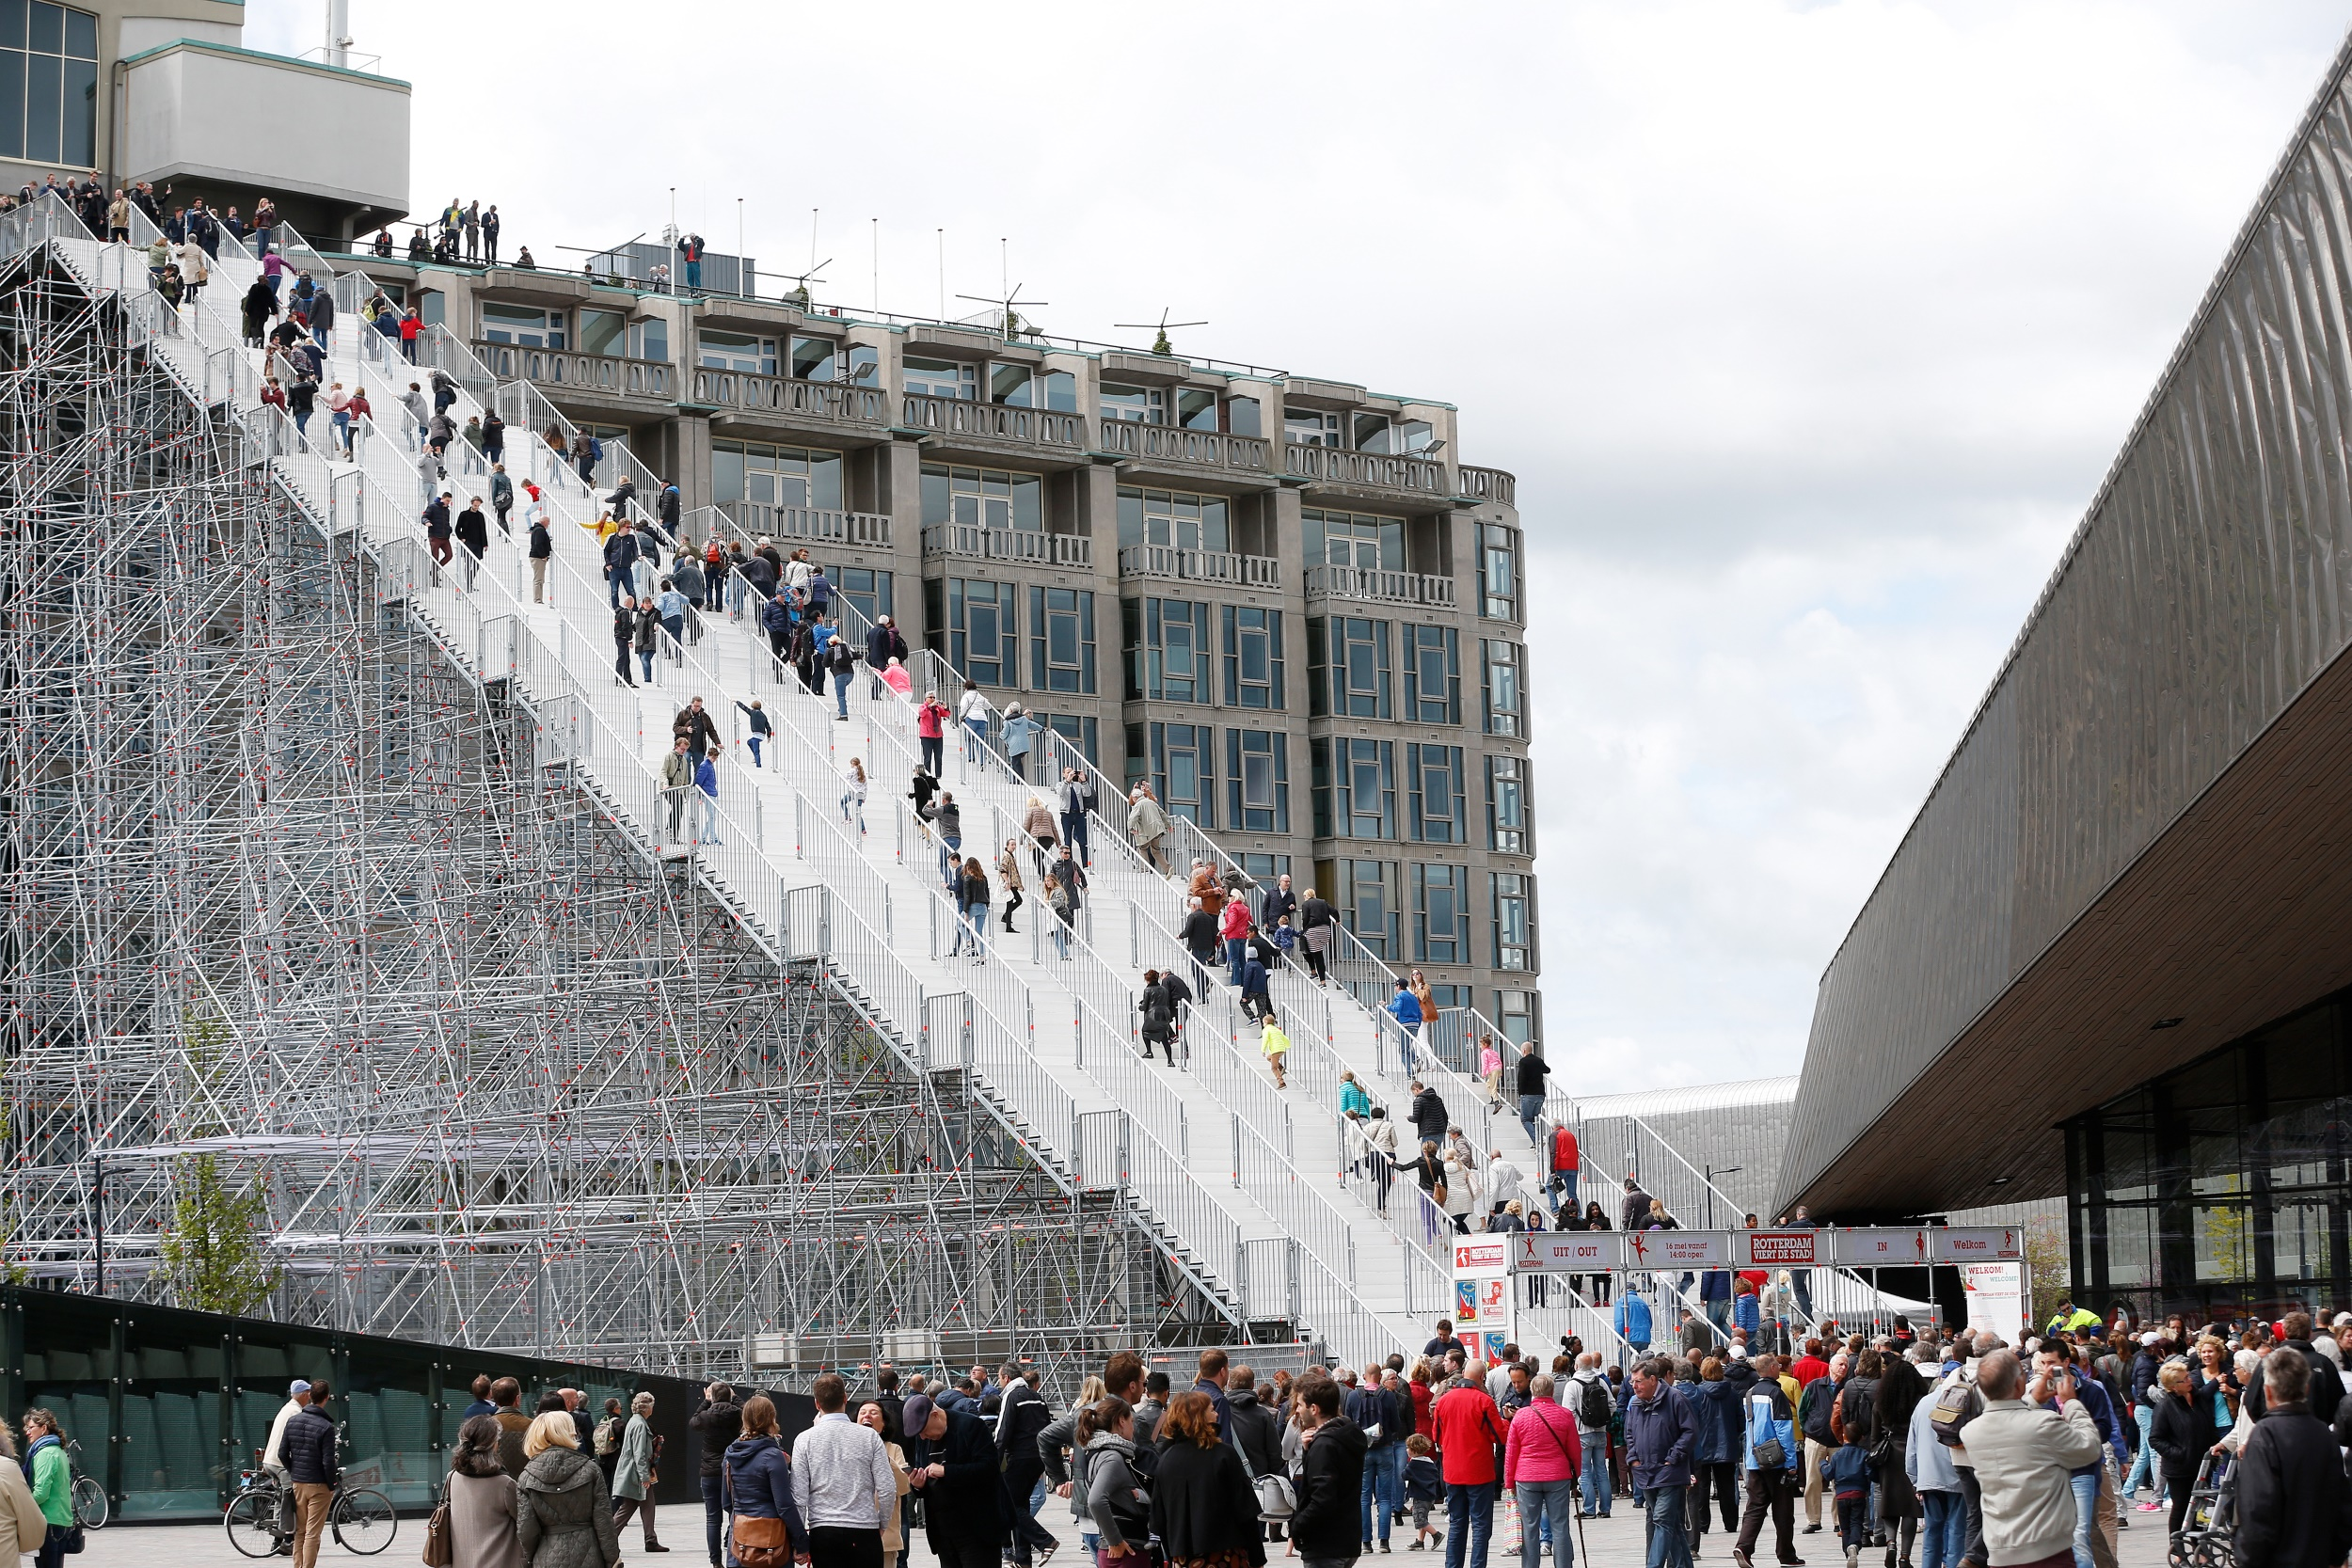 In totaal beklommen 368.611 bezoekers De Trap.